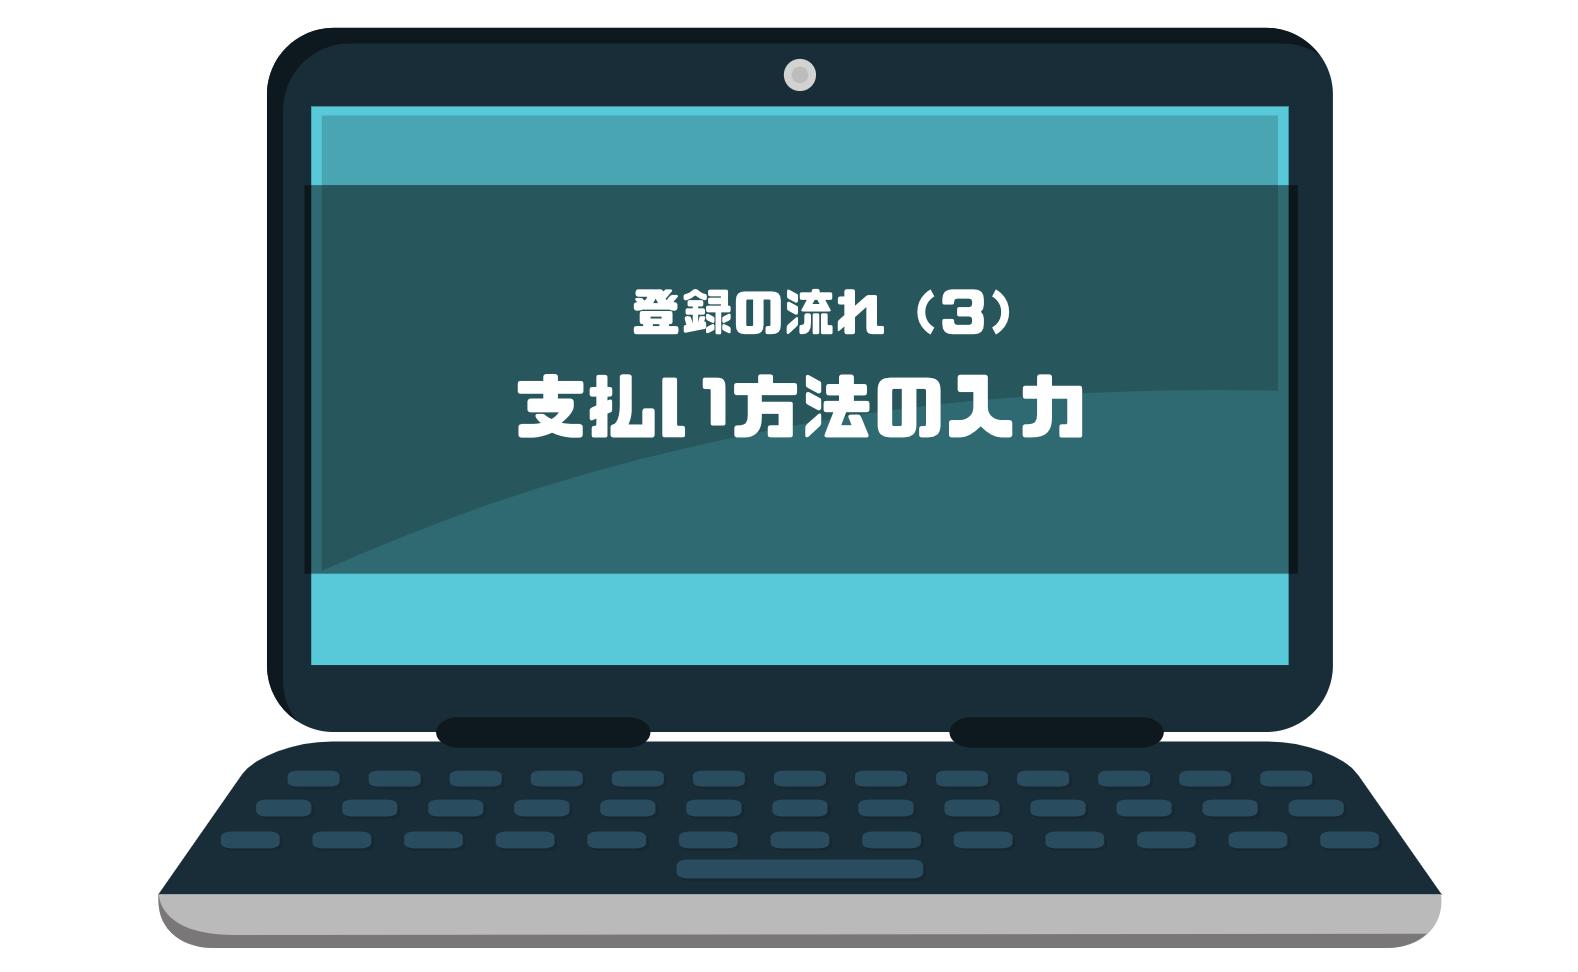 ビオマルシェ_評判_口コミ_会員登録_登録の流れ_支払い方法_入力